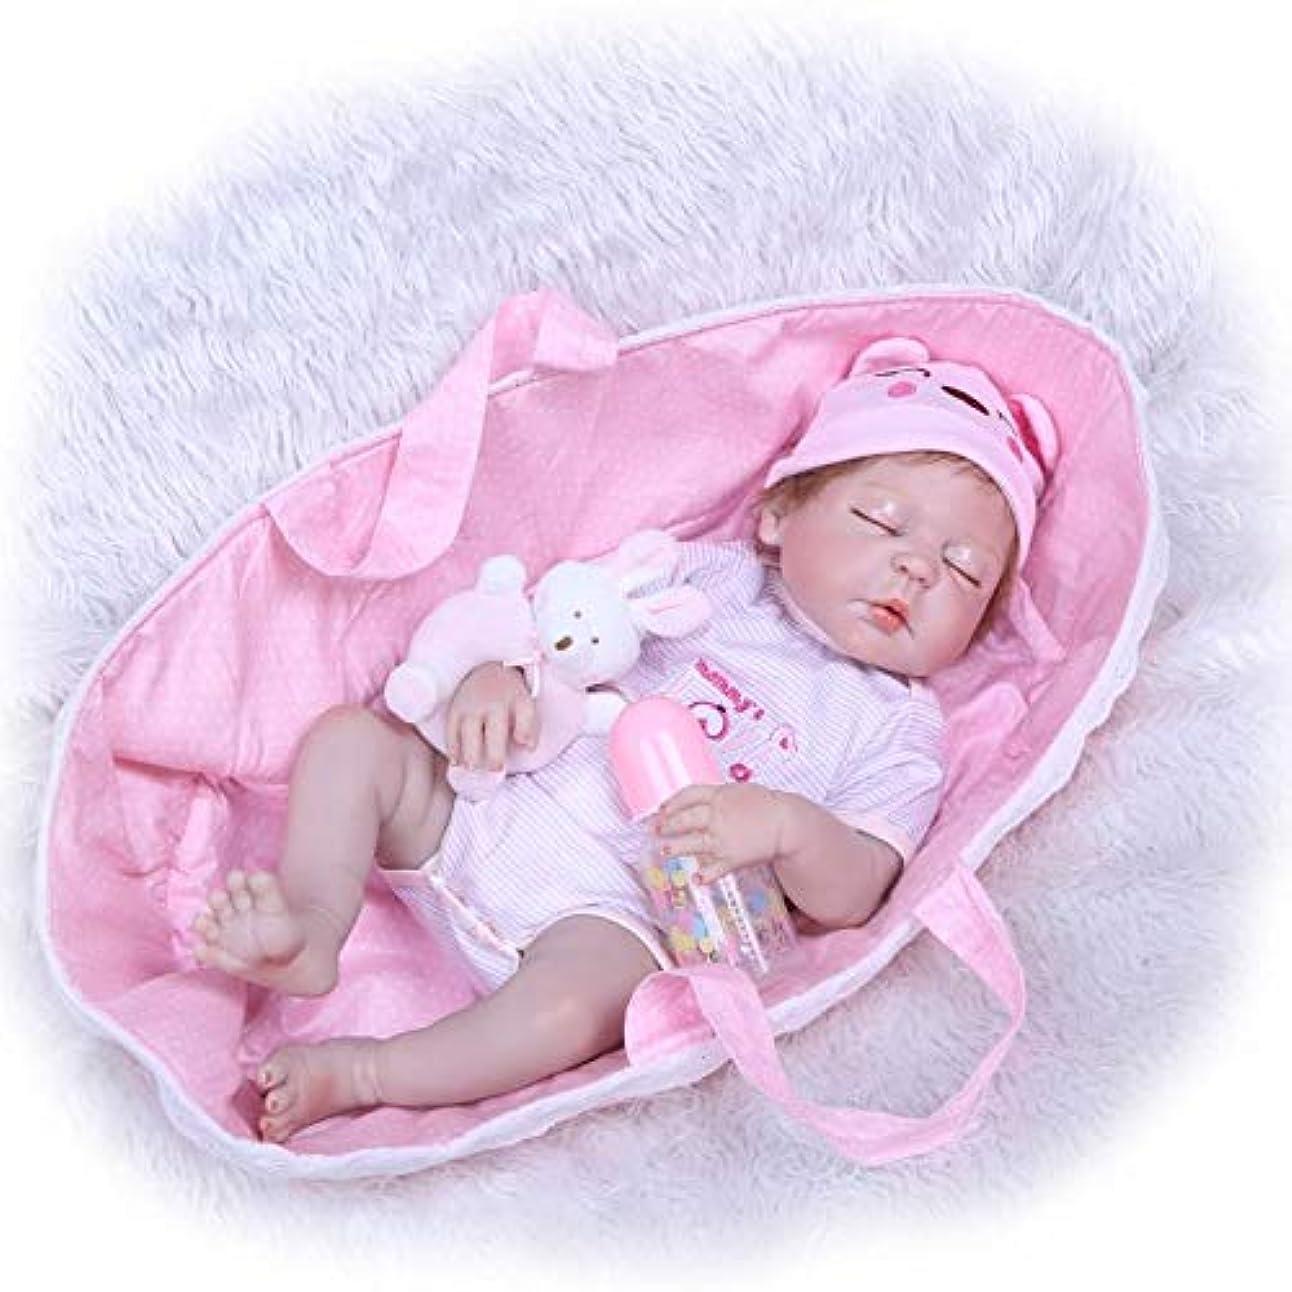 効果的に包囲検証NPK コレクション 22インチ 55cm シリコン ベビードール フルボディ 女の子 本物そっくり 新生児 プリンセス ビーブ 人形 キッズ 成長パートナー 収集価値のあるおもちゃ